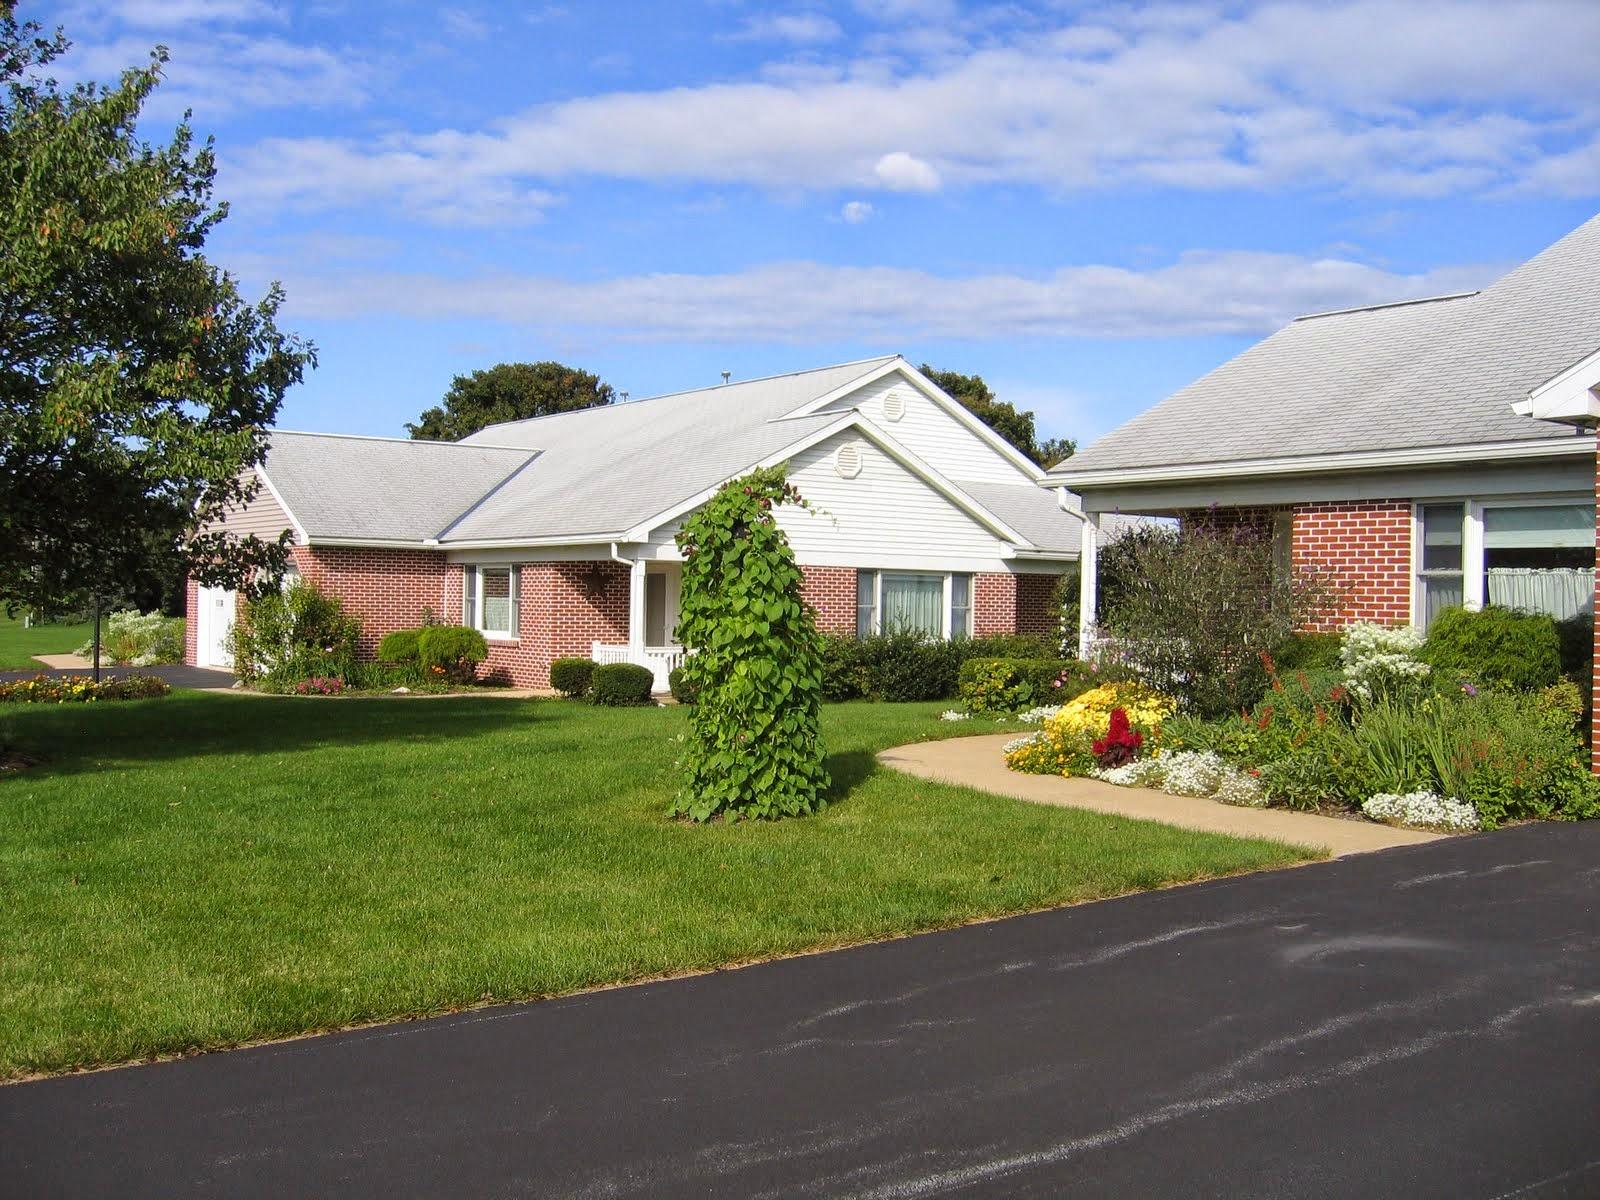 Farm Crest Drive cottages.